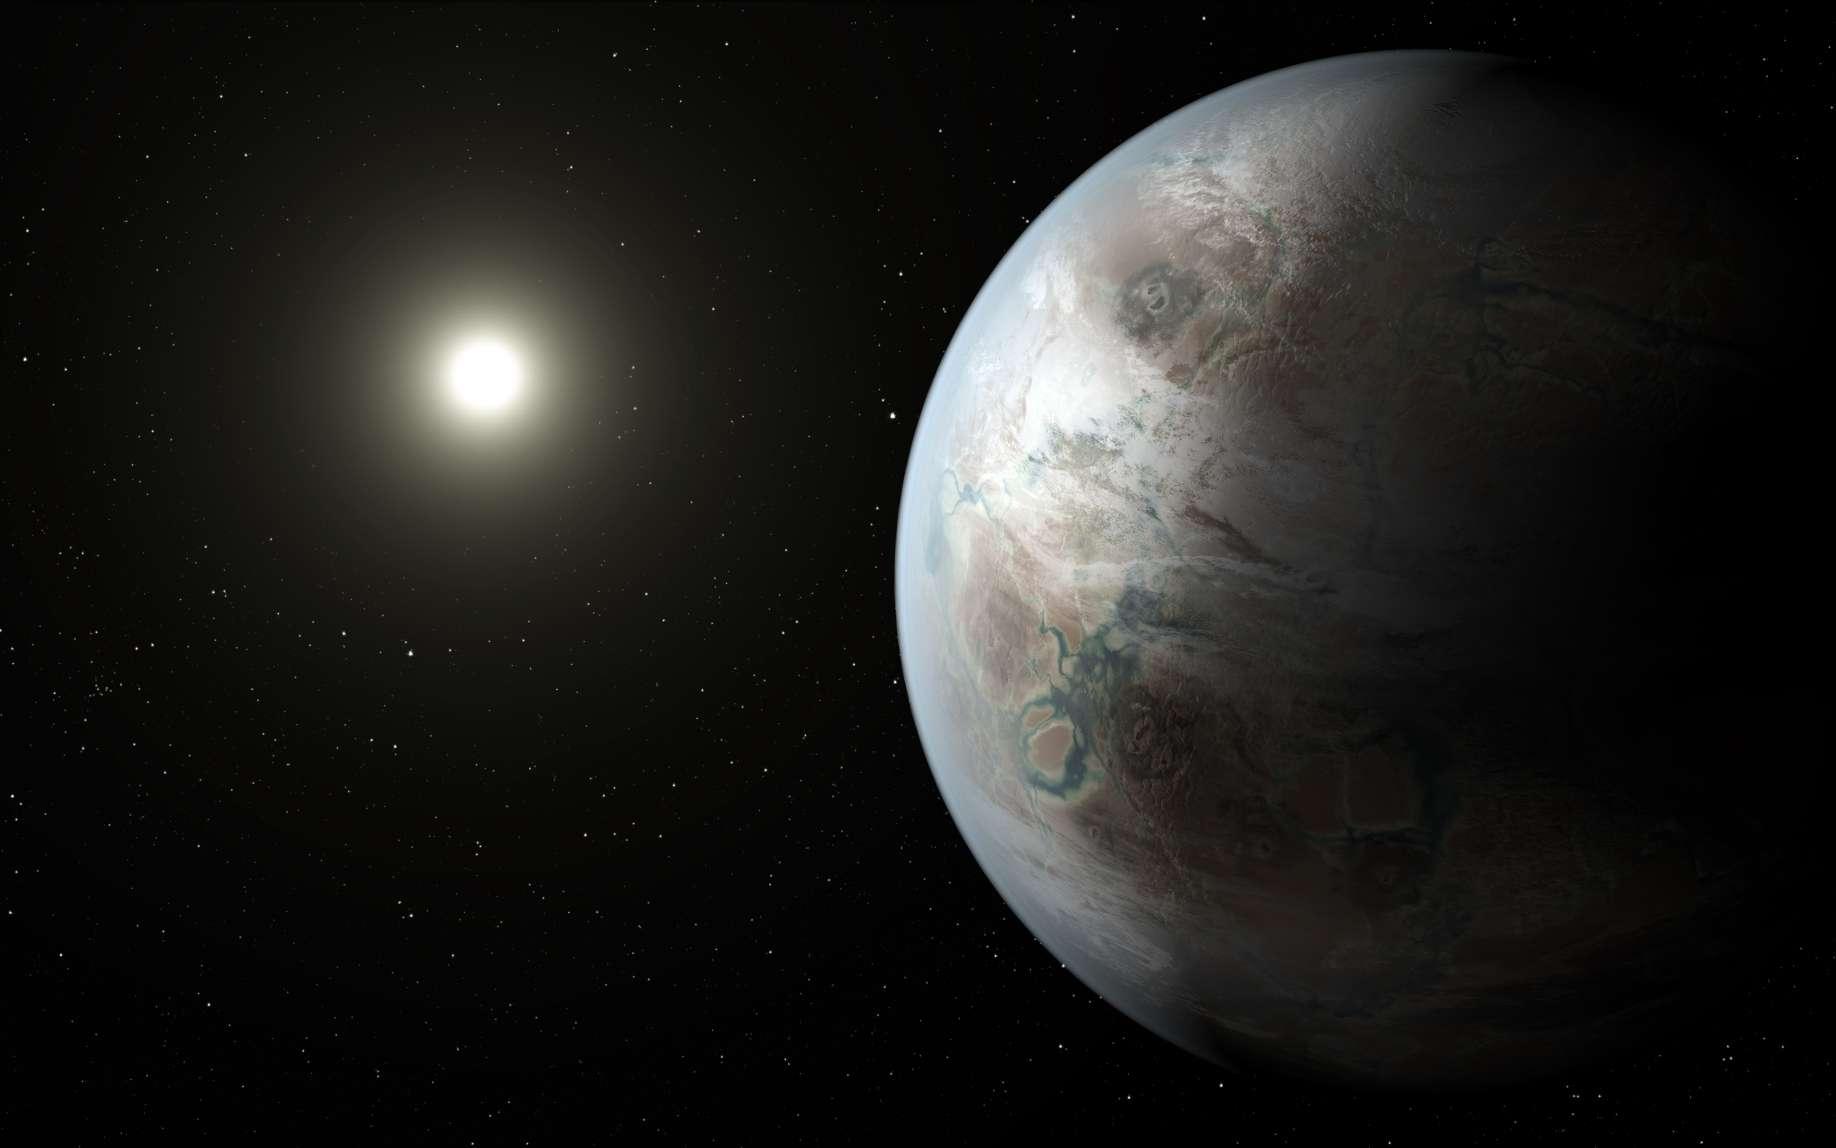 Une vue d'artiste de Kepler 452b. L'exoplanète tourne en un peu plus d'un an terrestre autour d'une étoile de type G2, comme le Soleil, mais plus âgée que lui. De l'eau liquide existe peut-être à sa surface car elle se trouve dans la zone d'habitabilité. © Nasa Ames, JPL-Caltech, T. Pyle